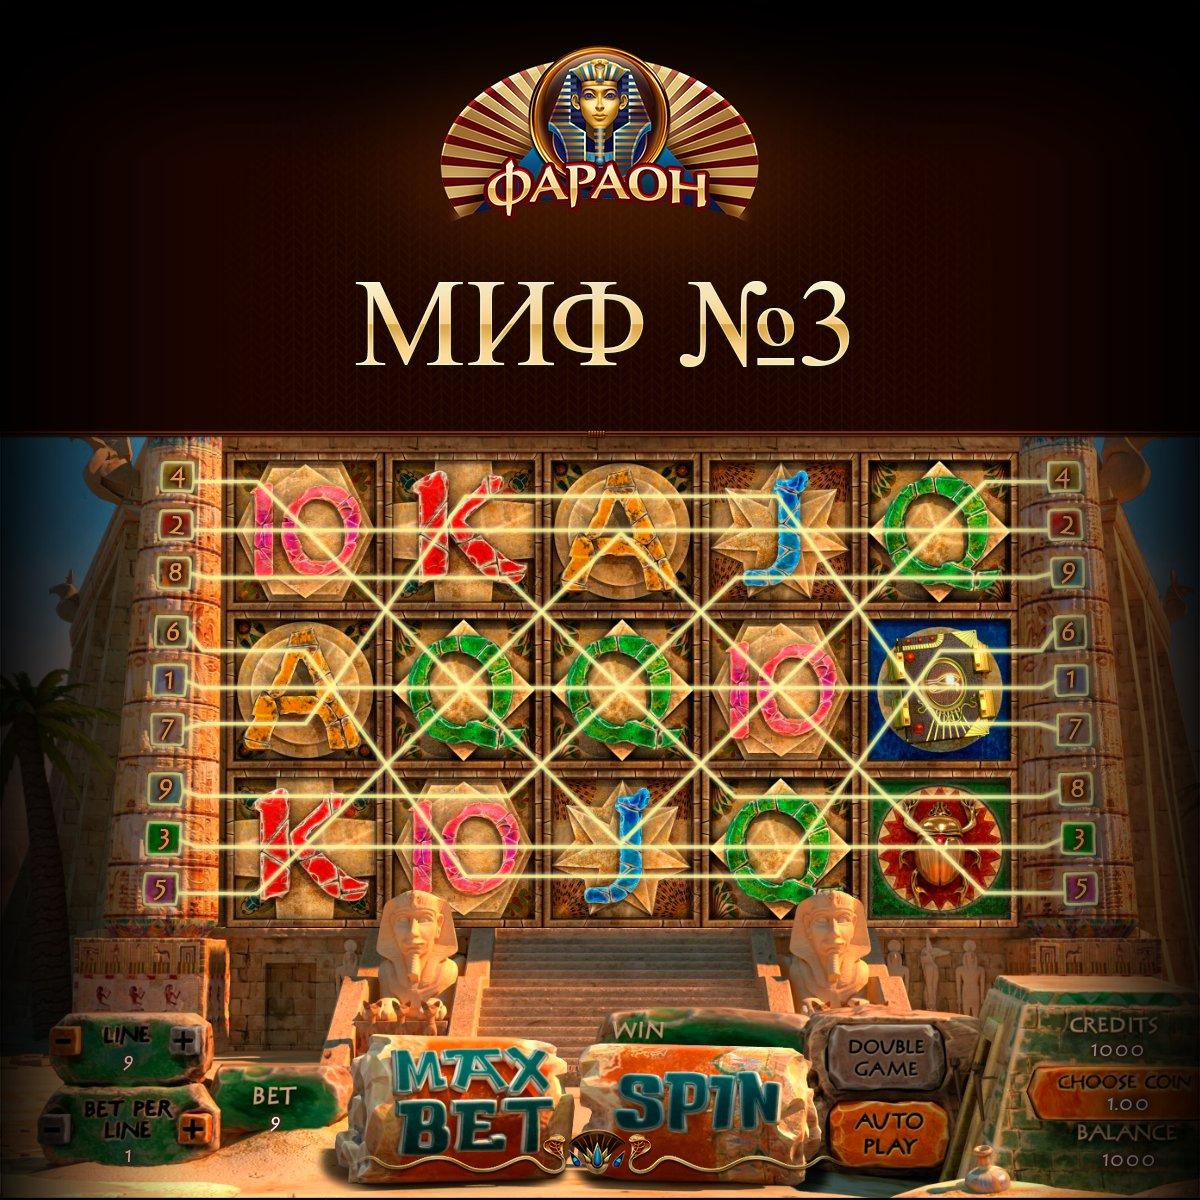 Игровые автоматы Фараон в бесплатном доступе